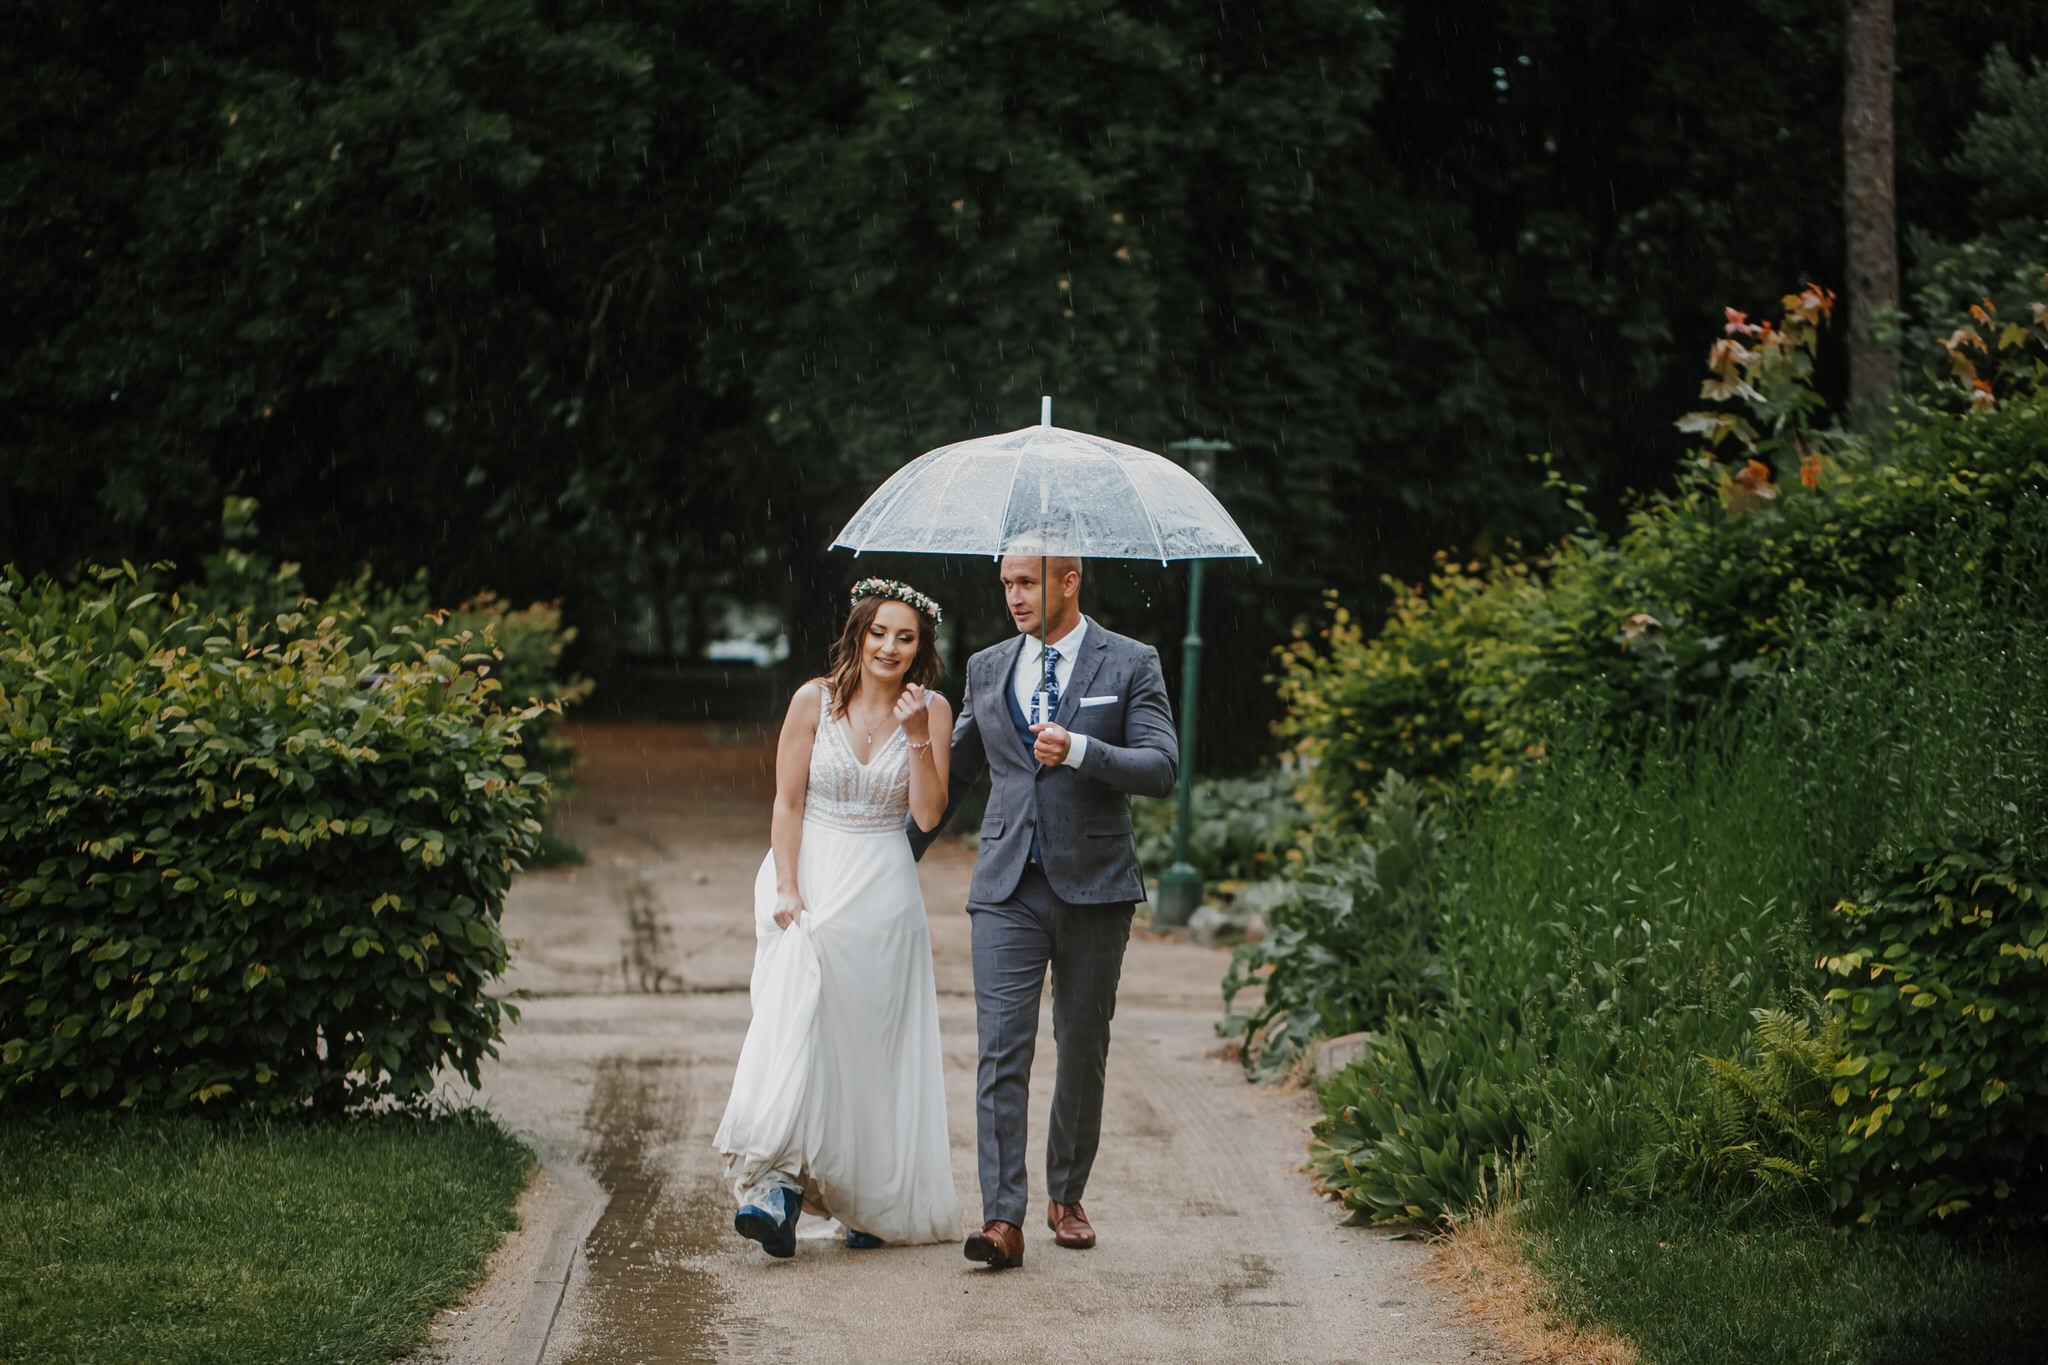 Sesja Ślubna w deszczu | Zamość | 13.06.2021